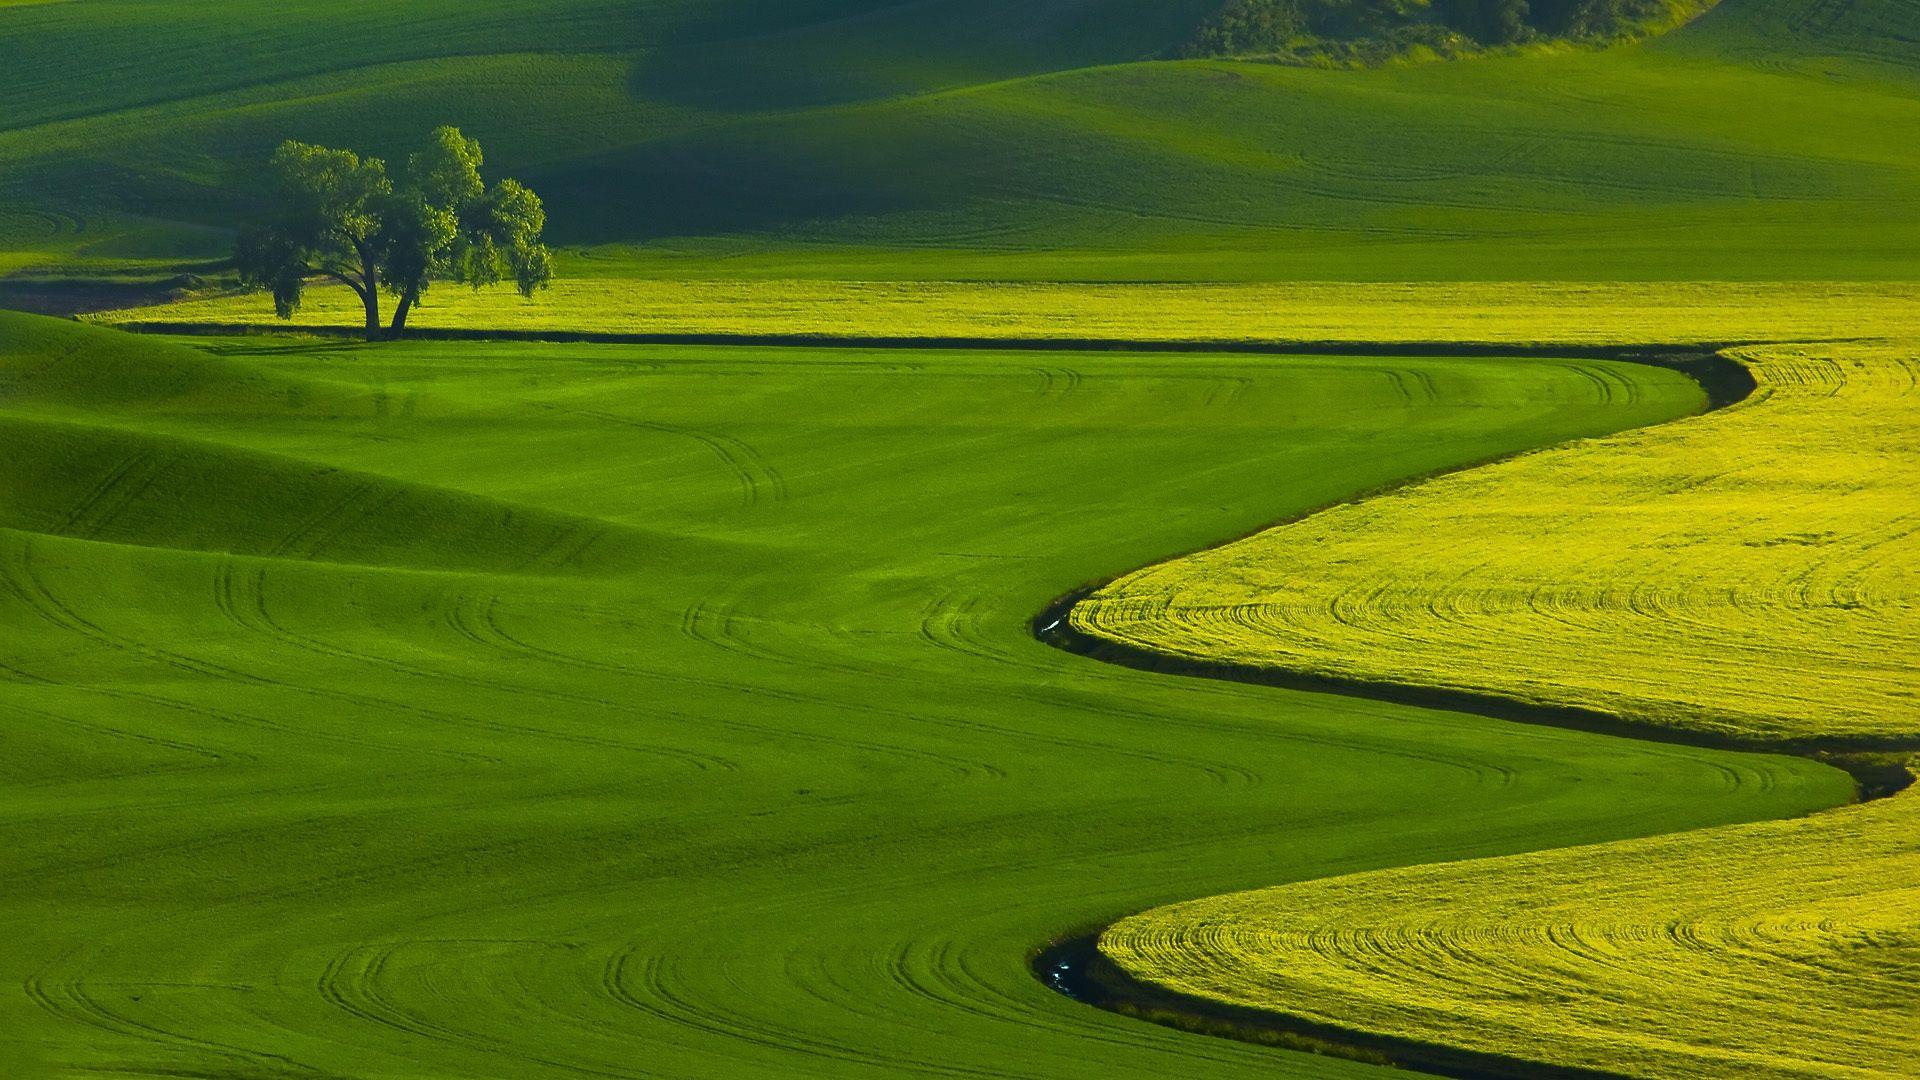 Green Desktop Wallpaper Nature - HD Wallpaper